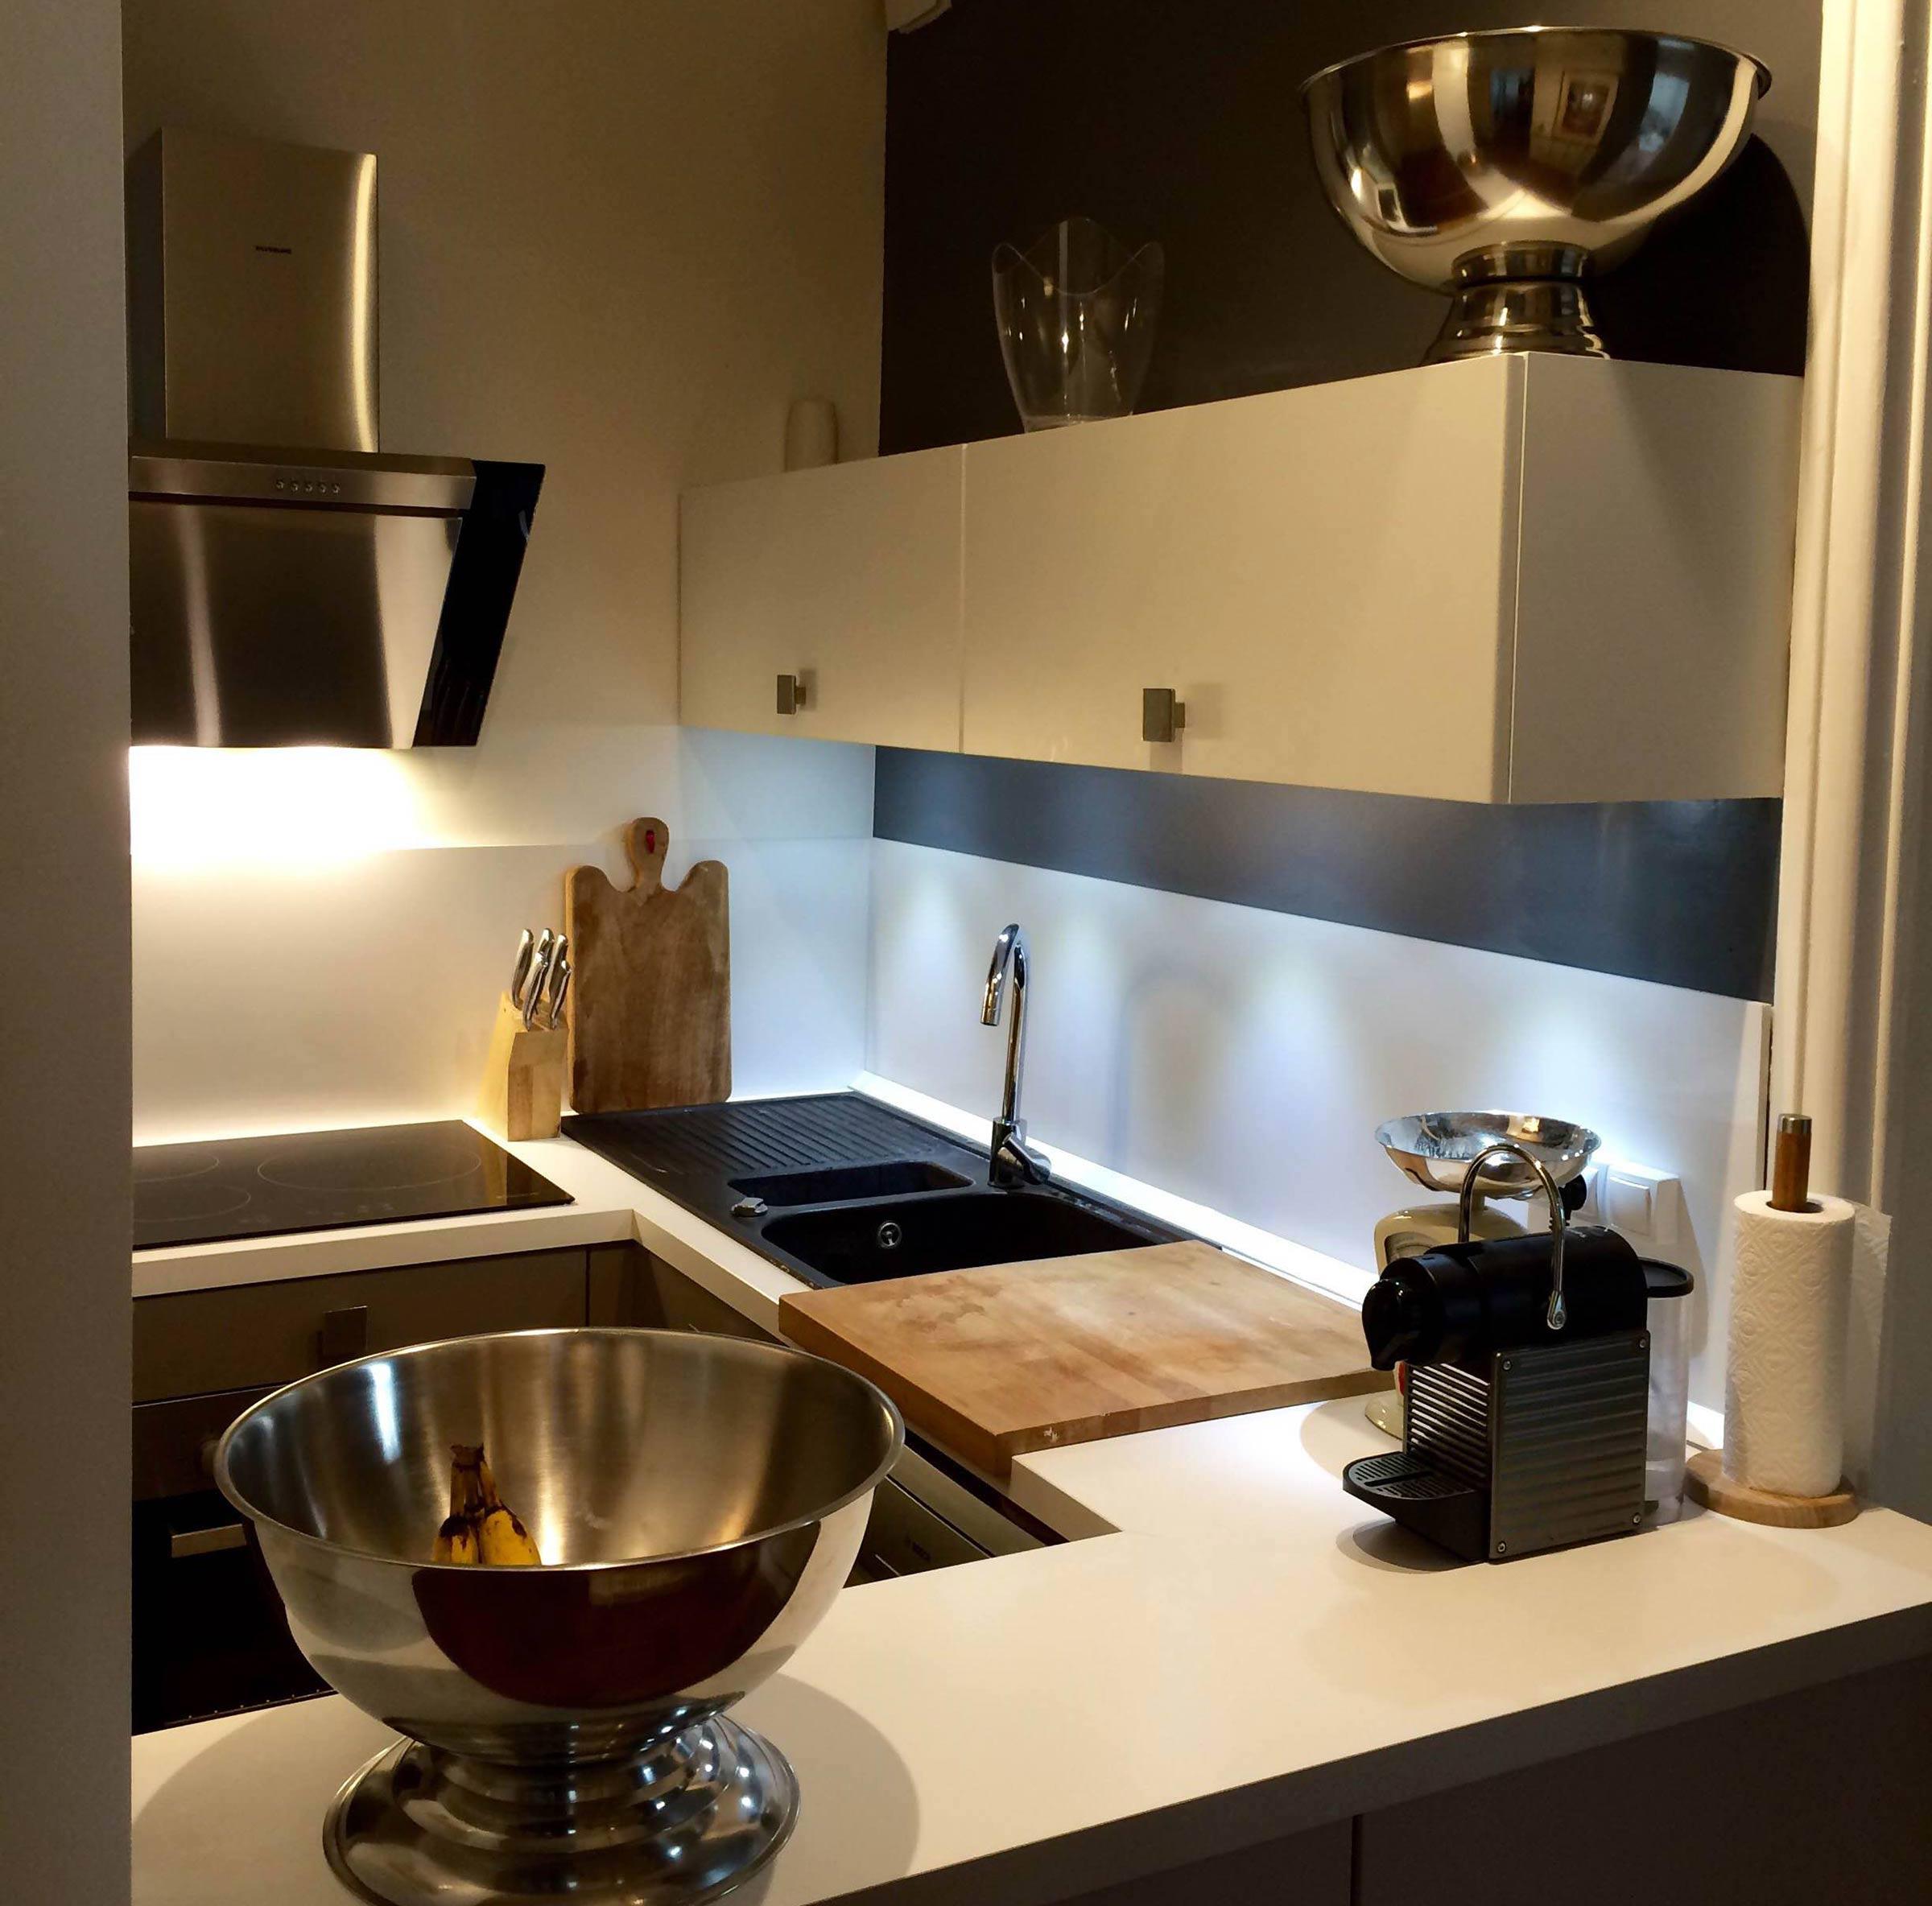 cration cuisine dans un petit espace brotteaux lyon 6